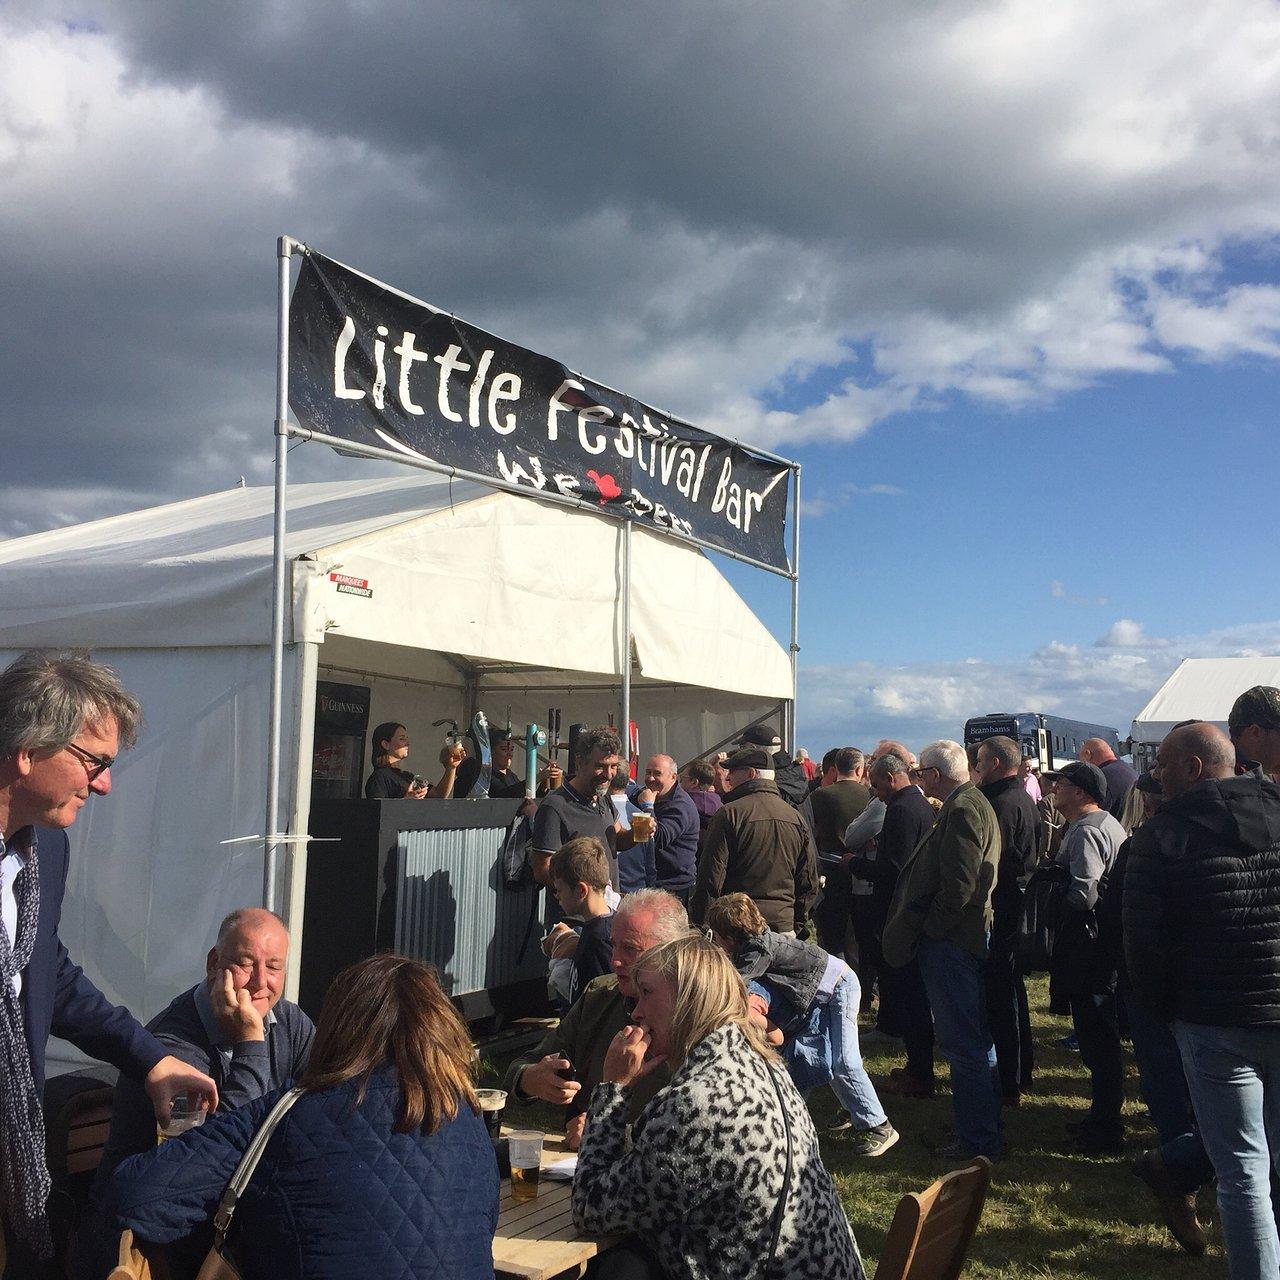 Laytown, Ireland Business Events | Eventbrite